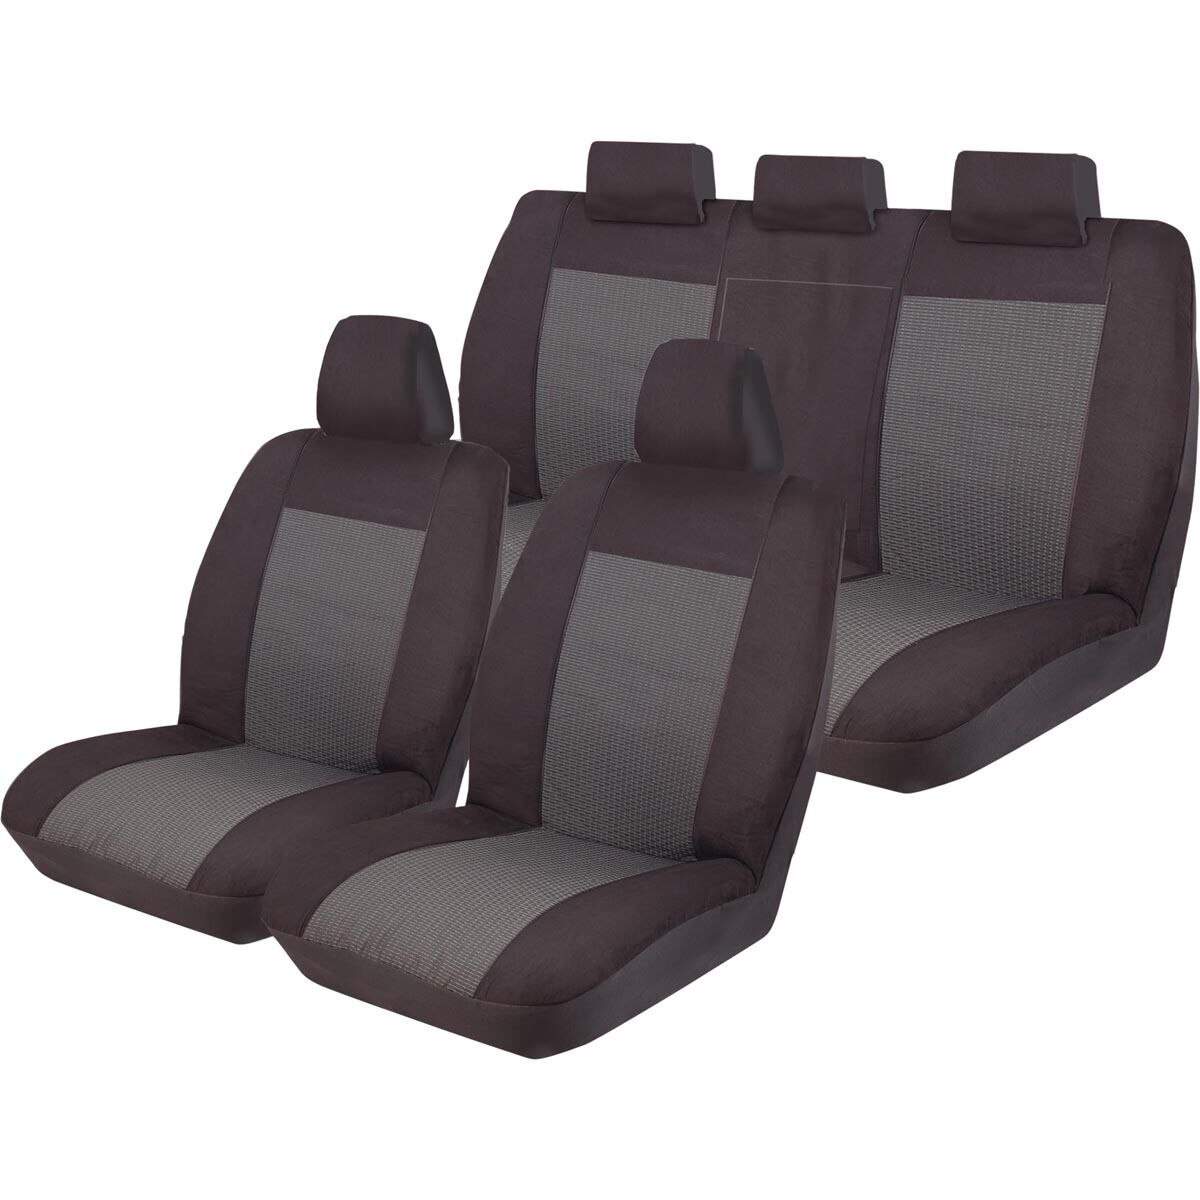 CAR SEAT COVERS FOR TOYOTA RAV4 RAV 4 FULL SET BLACK GREY